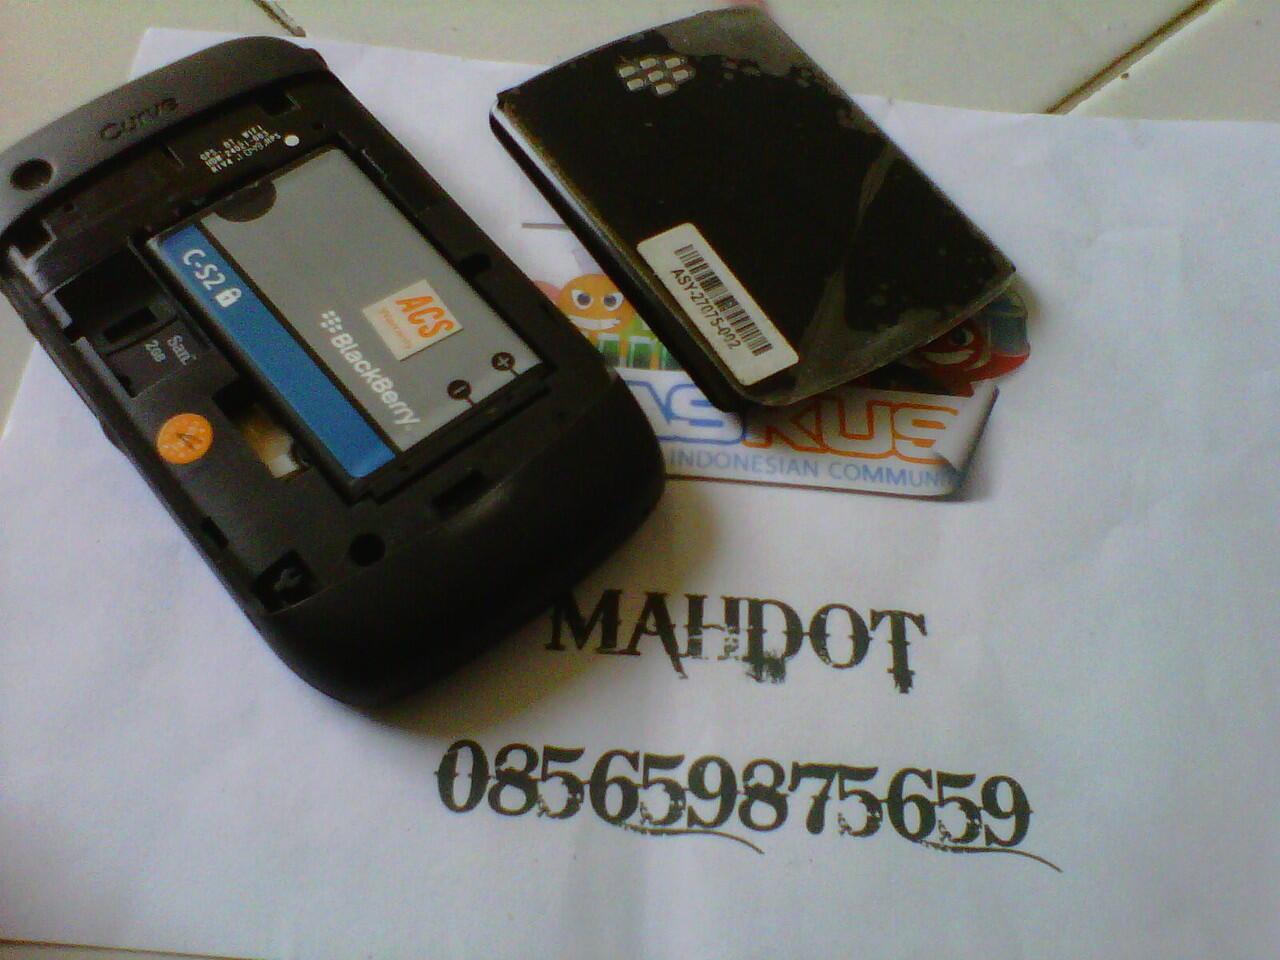 BB Gemini CDMA 8530 3G a.k.a Aries Bandung